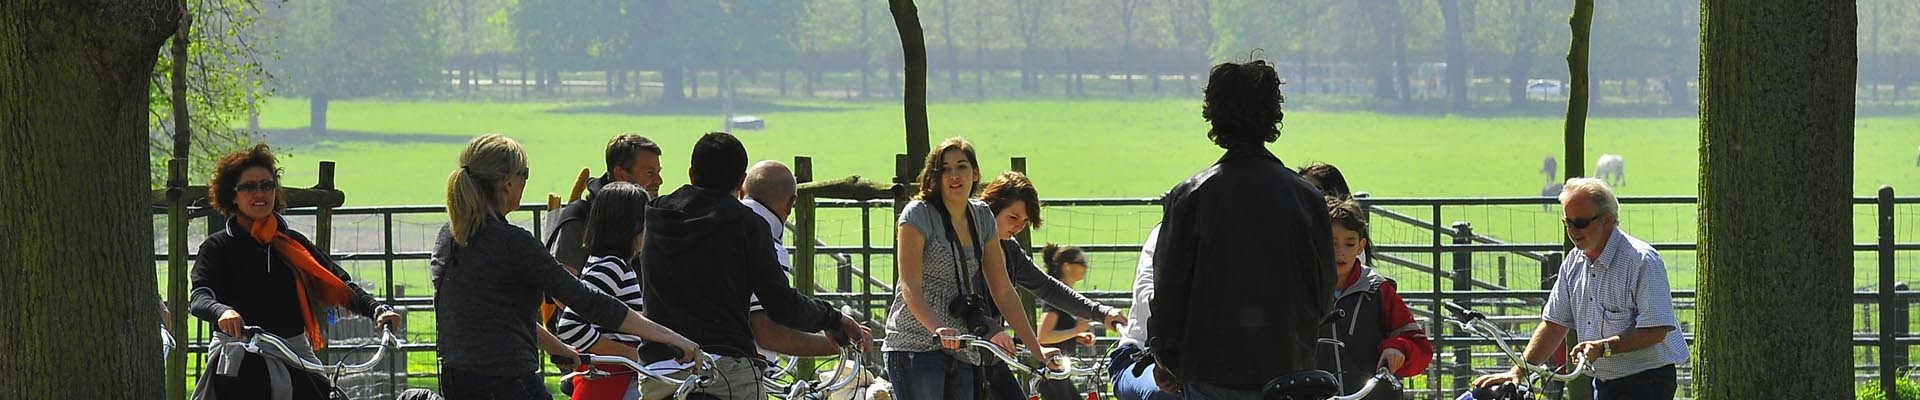 Paseo en bicicleta en el parque del palacio de Versalles